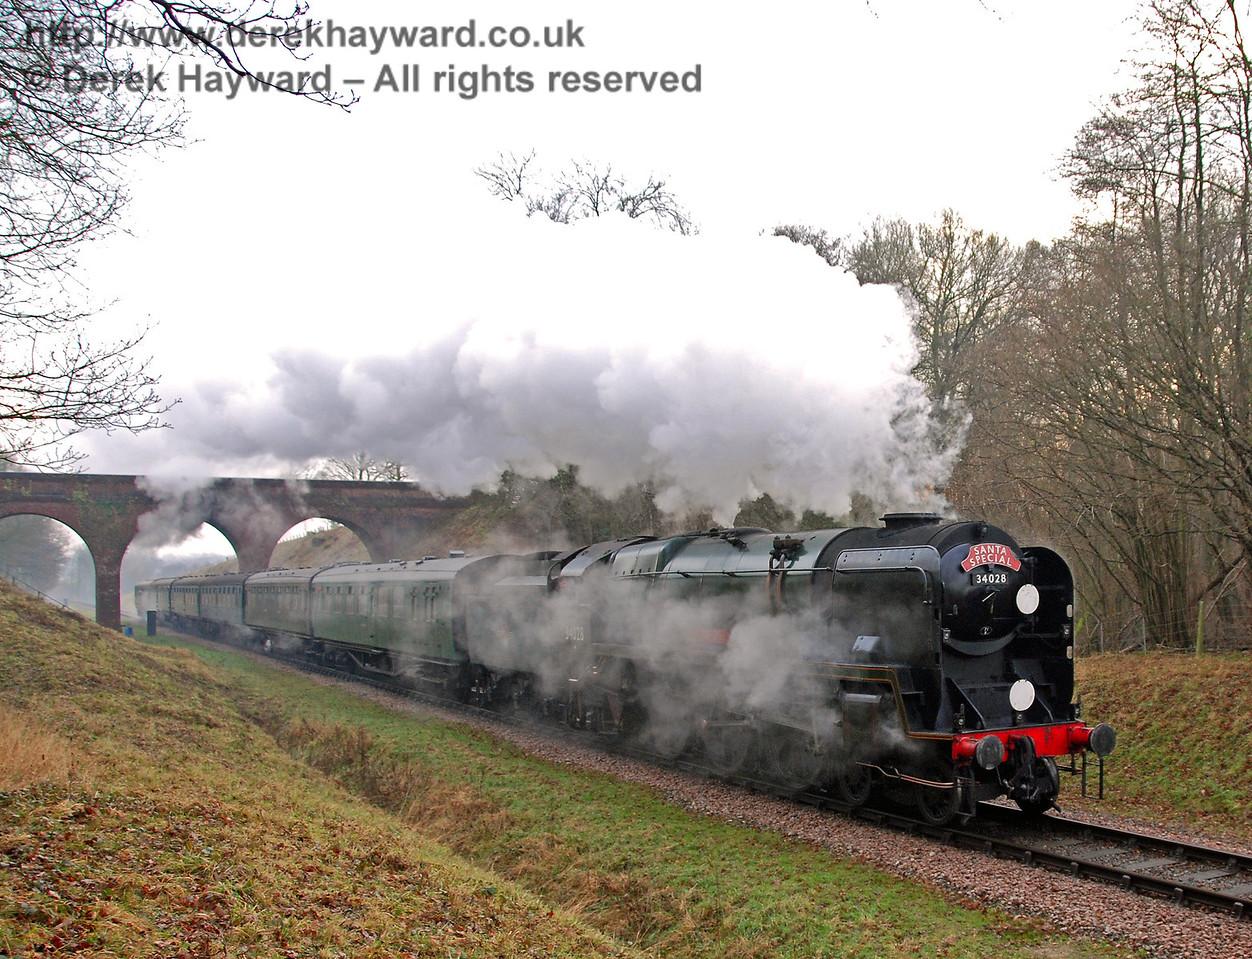 34028 Eddystone steams north from Three Arch Bridge. 22.12.2007